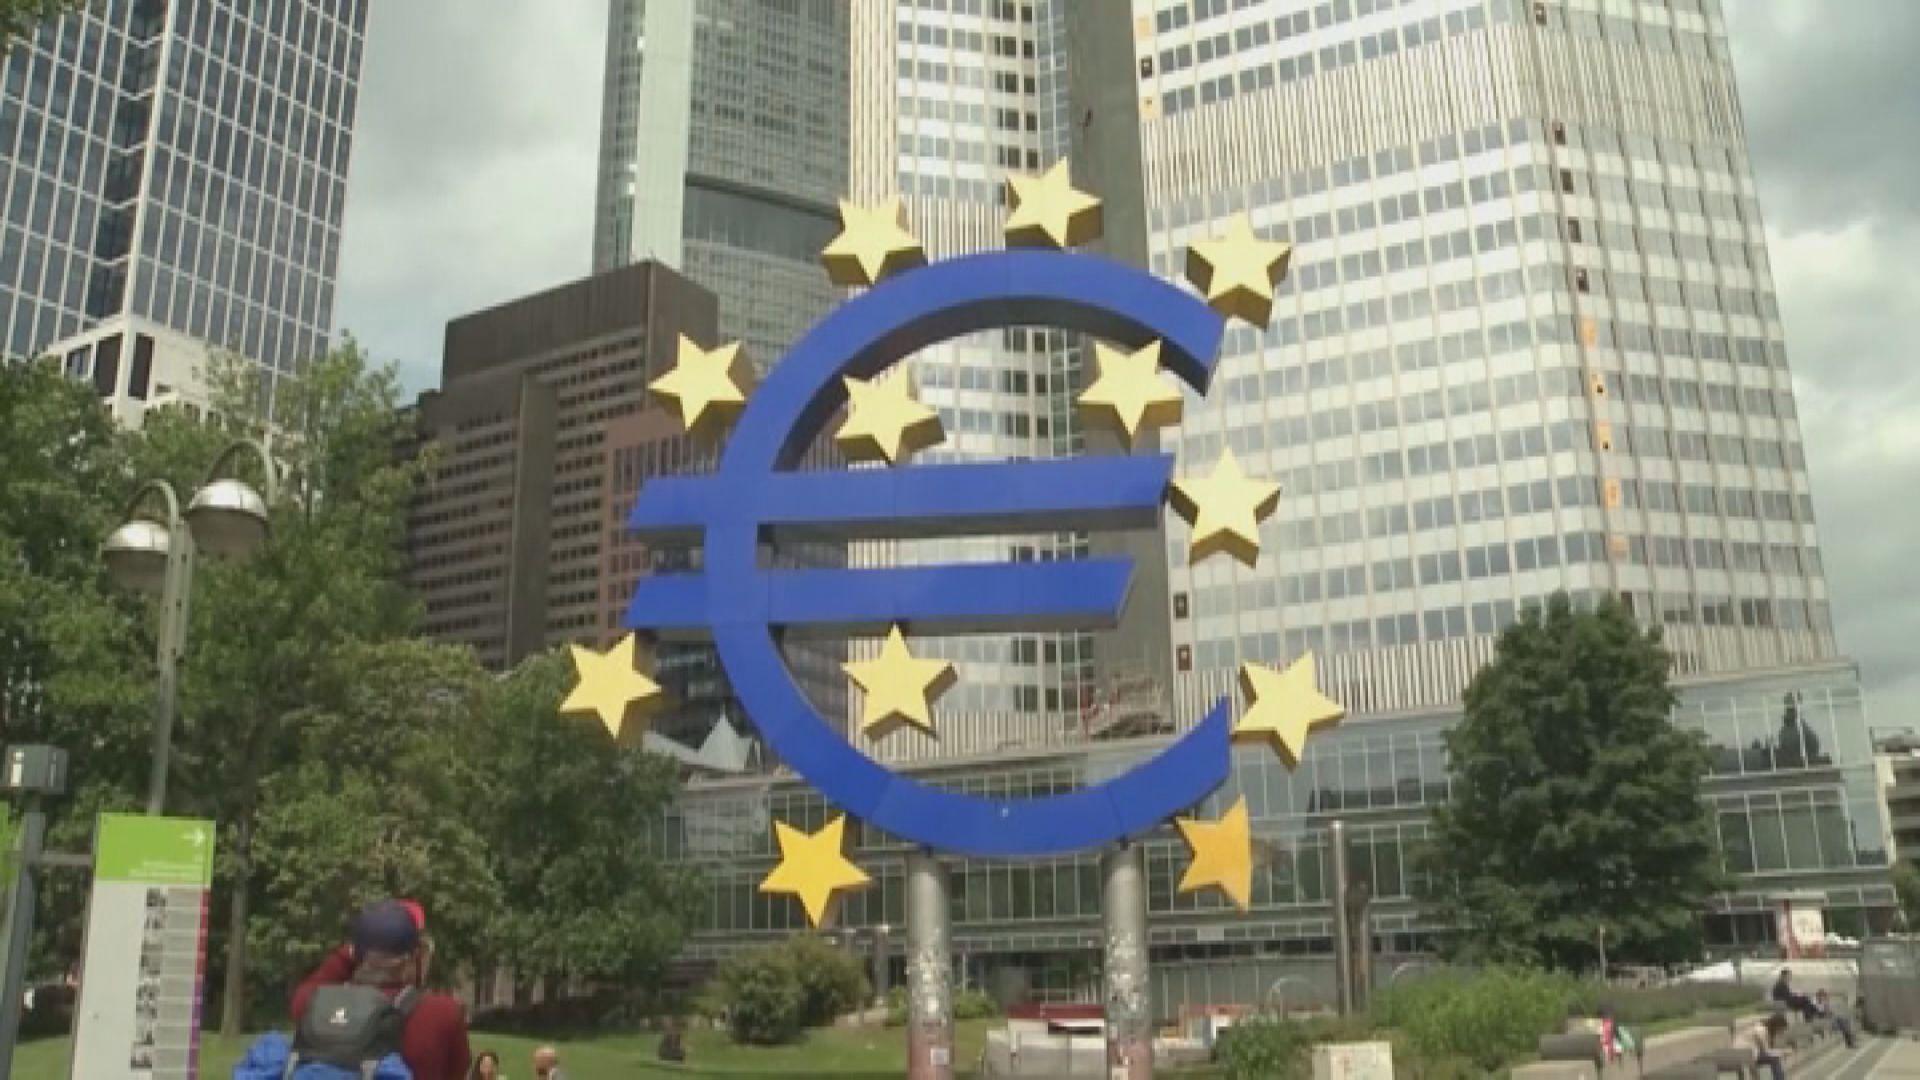 歐洲央行已放棄經濟V型復甦 暗示6月加碼量寬